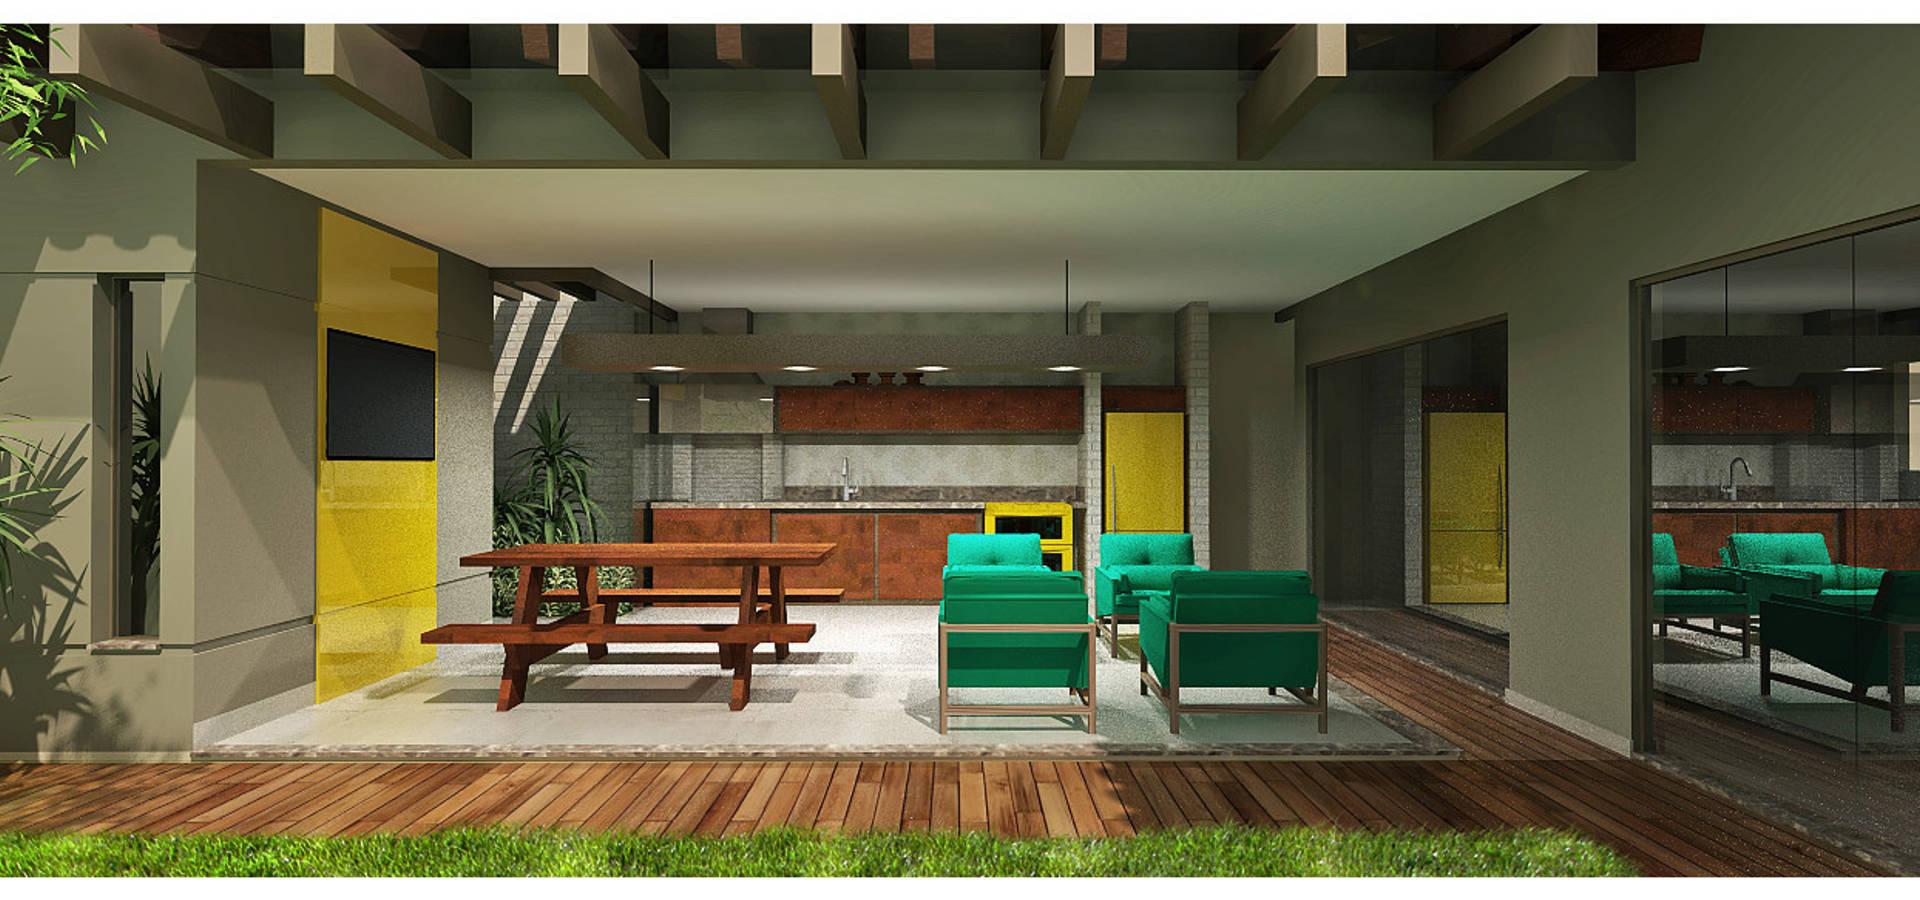 Shiota Arquitetura